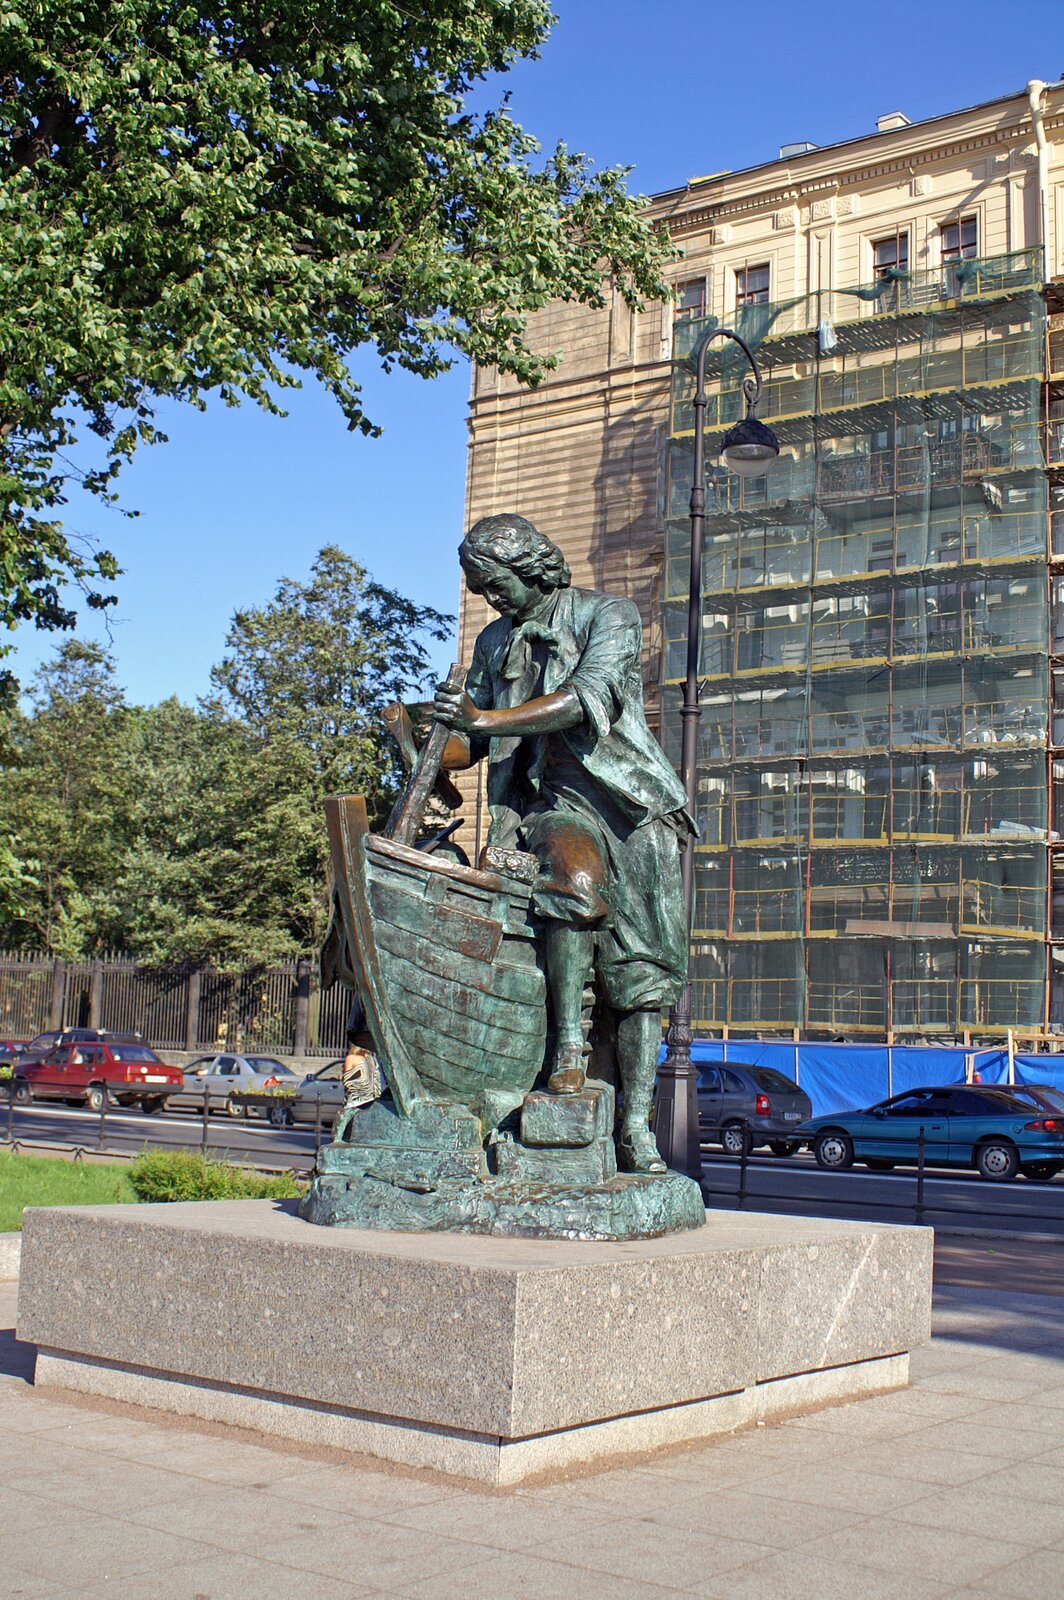 Pomnik Piotra IPomnikPiotra Iuczącego się w1697 r. Holandii budowy statków. Pomnik stoi wPetersburgu przed gmachem Admiralicji(kopię tego dzieła podarowano holenderskiemu miastu Zaandam). Pomnik powstał w1911 r, ajego twórcą był L. A. Bernshtam. Źródło: Heidas, Pomnik Piotra I, Wikimedia Commons, licencja: CC BY-SA 3.0.